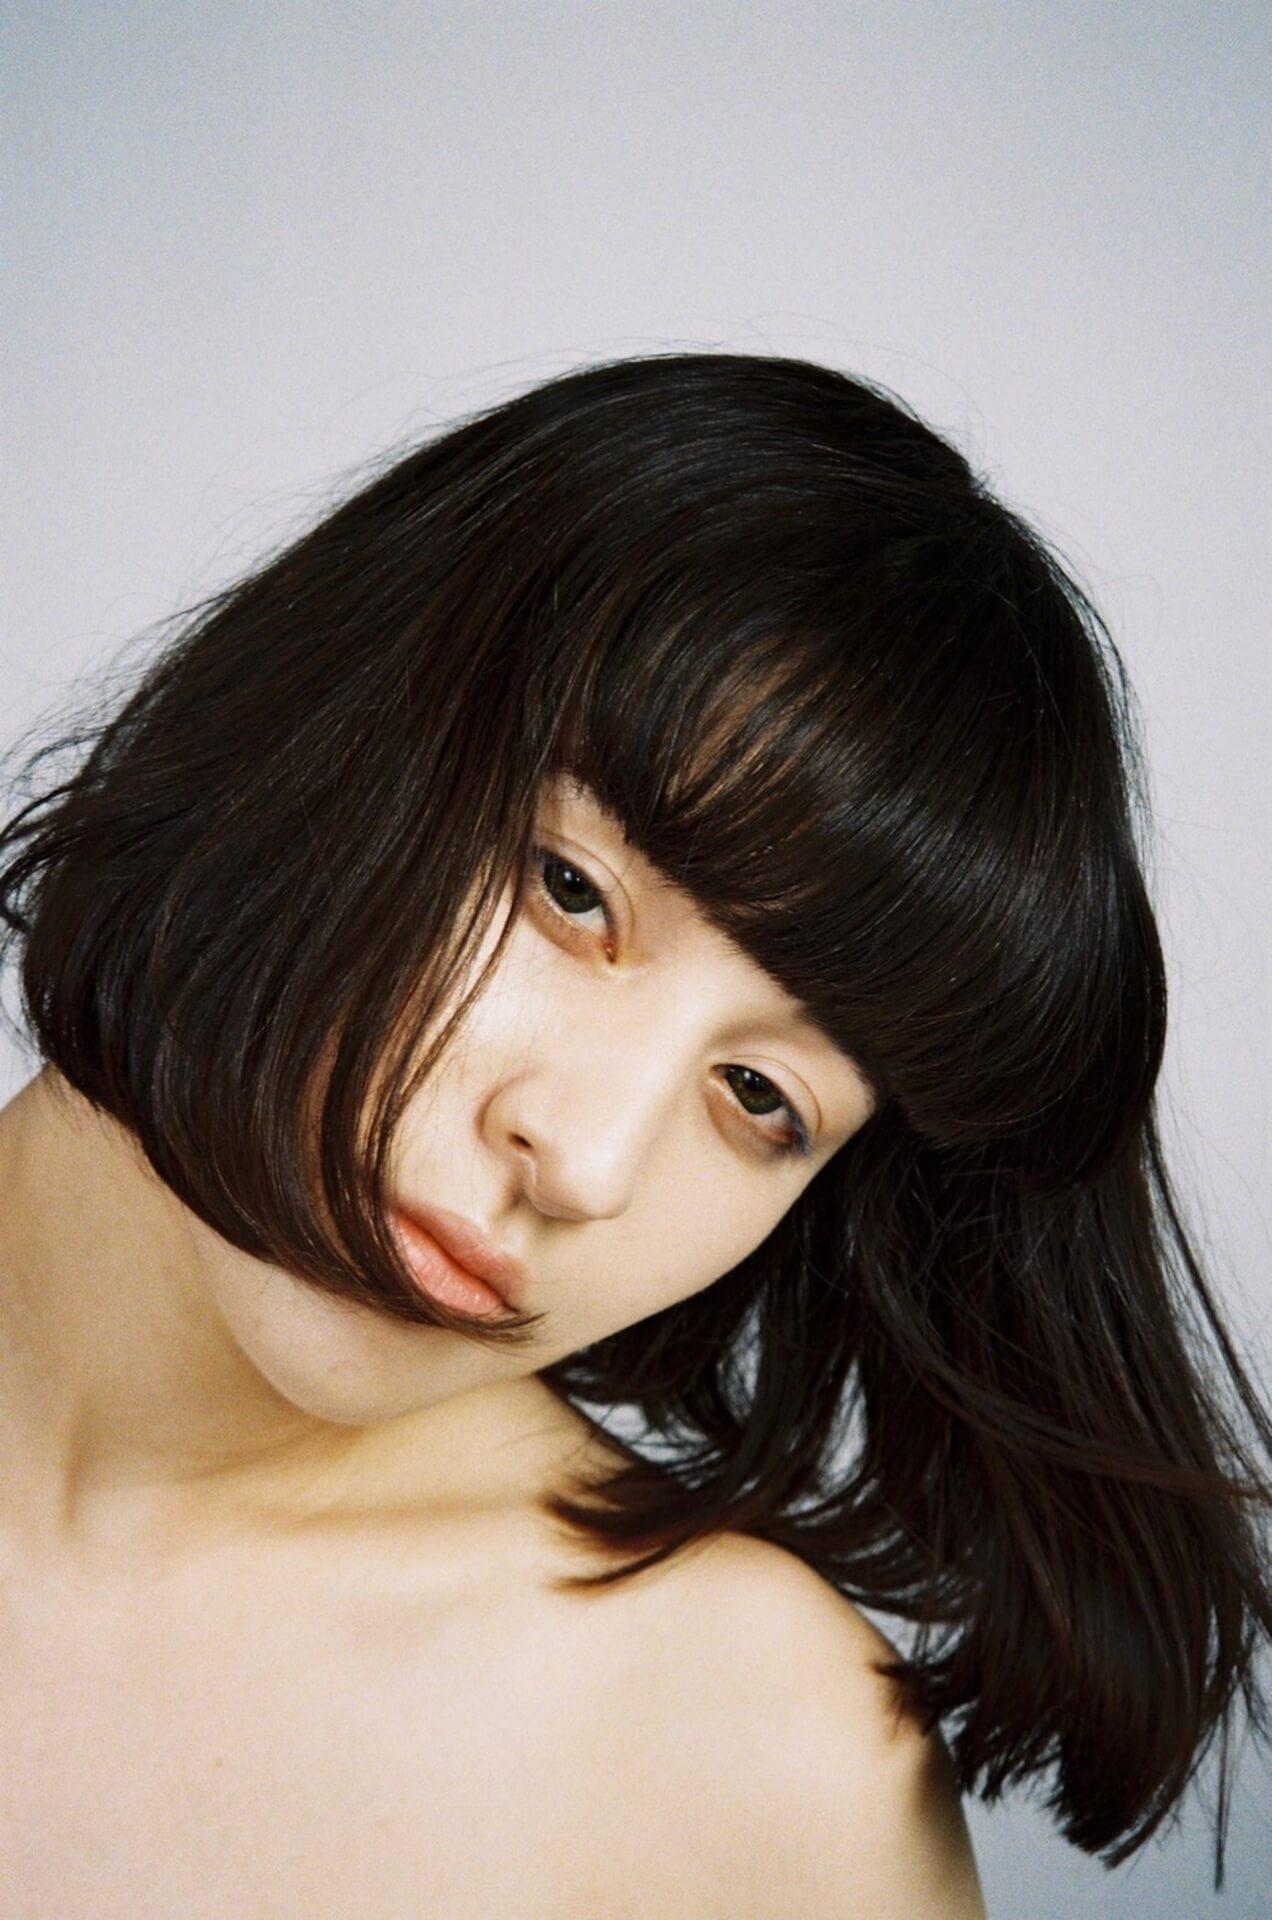 YAMAMOTO×IKUTA VOL.10 Unleash the completion column201126_YAMAMOTO_IKUTA_vol10_08